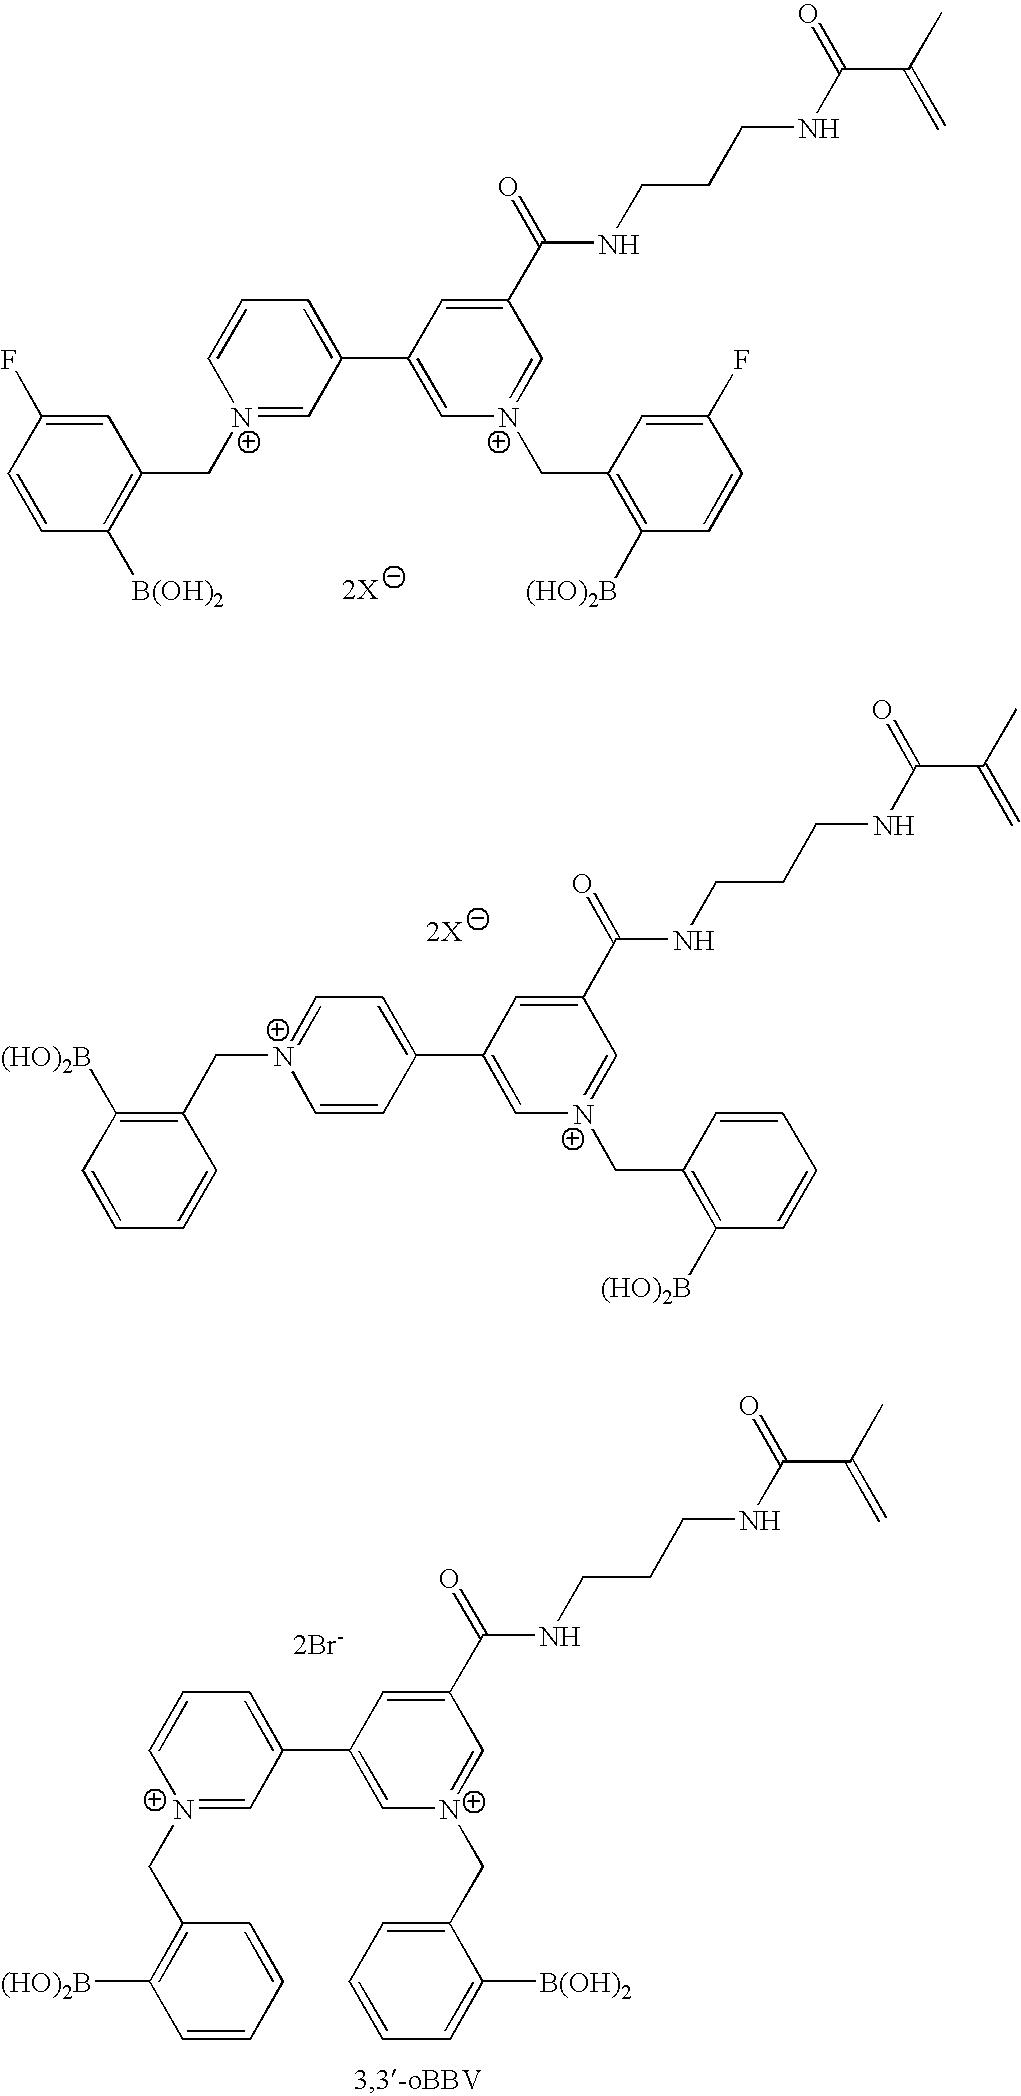 Figure US20080188722A1-20080807-C00013